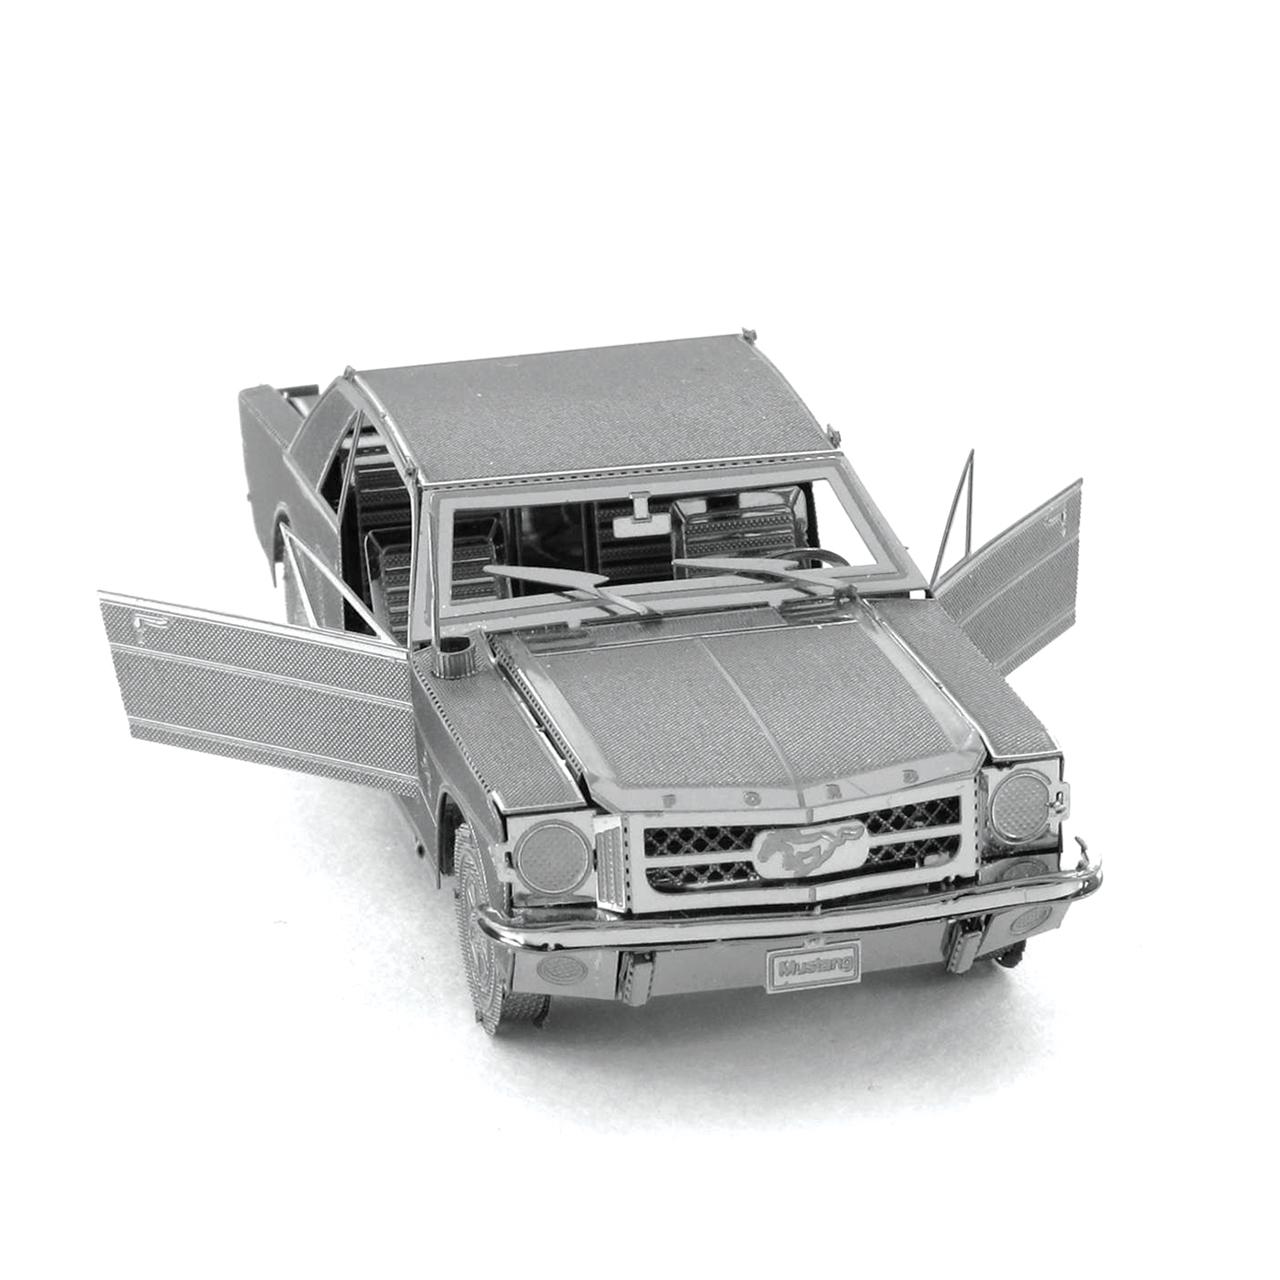 Fascinations Metal Earth 3d Metal Model Diy Kits Metal